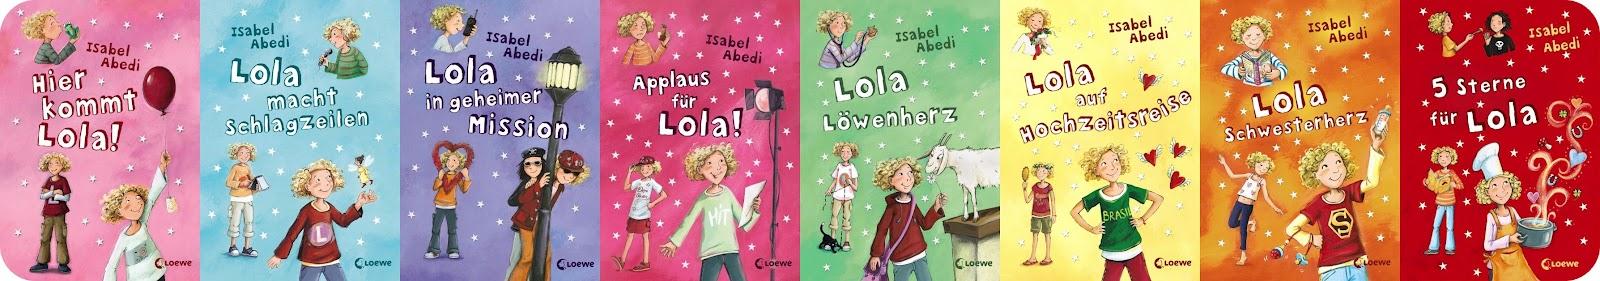 Damaris liest.: Kennst du Lola?